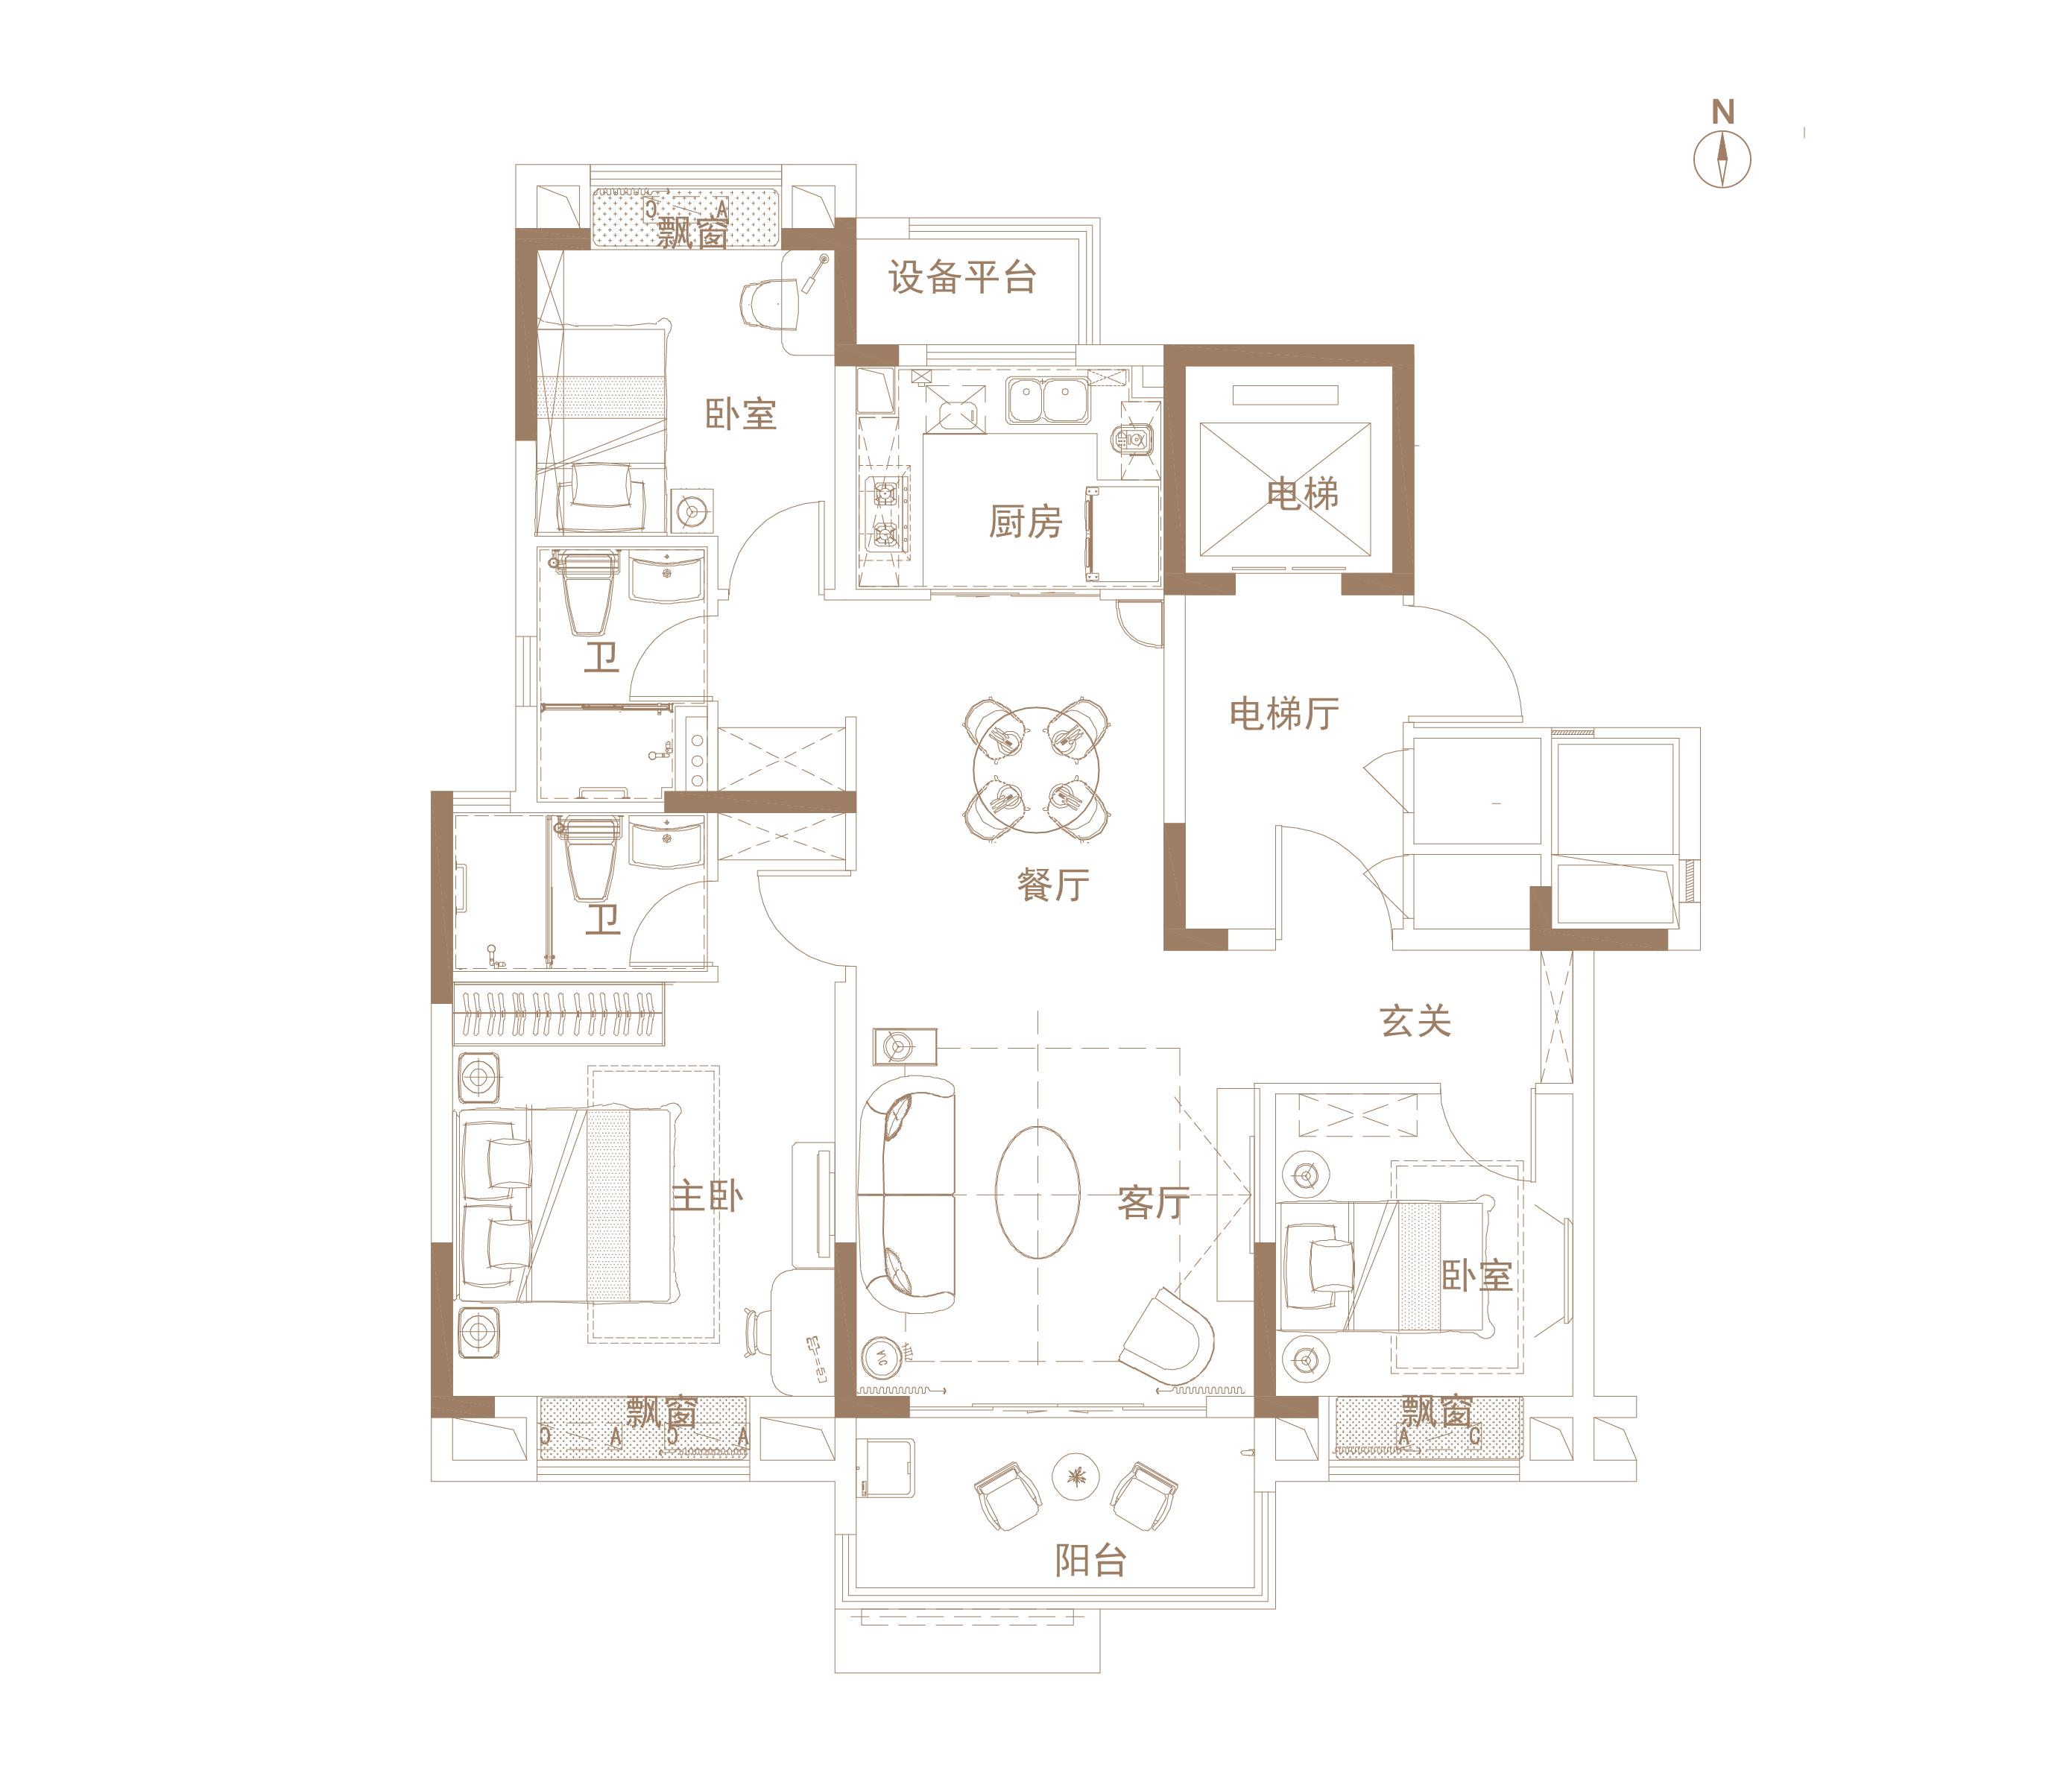 ①三房两厅两卫设计,户型方正,南北通透。②约3.8米的大开间,户型方正,多室朝南,三世同堂皆圆满。③屋内配备飘窗,保证空间采光的同时,营造出宽阔的视野效果。